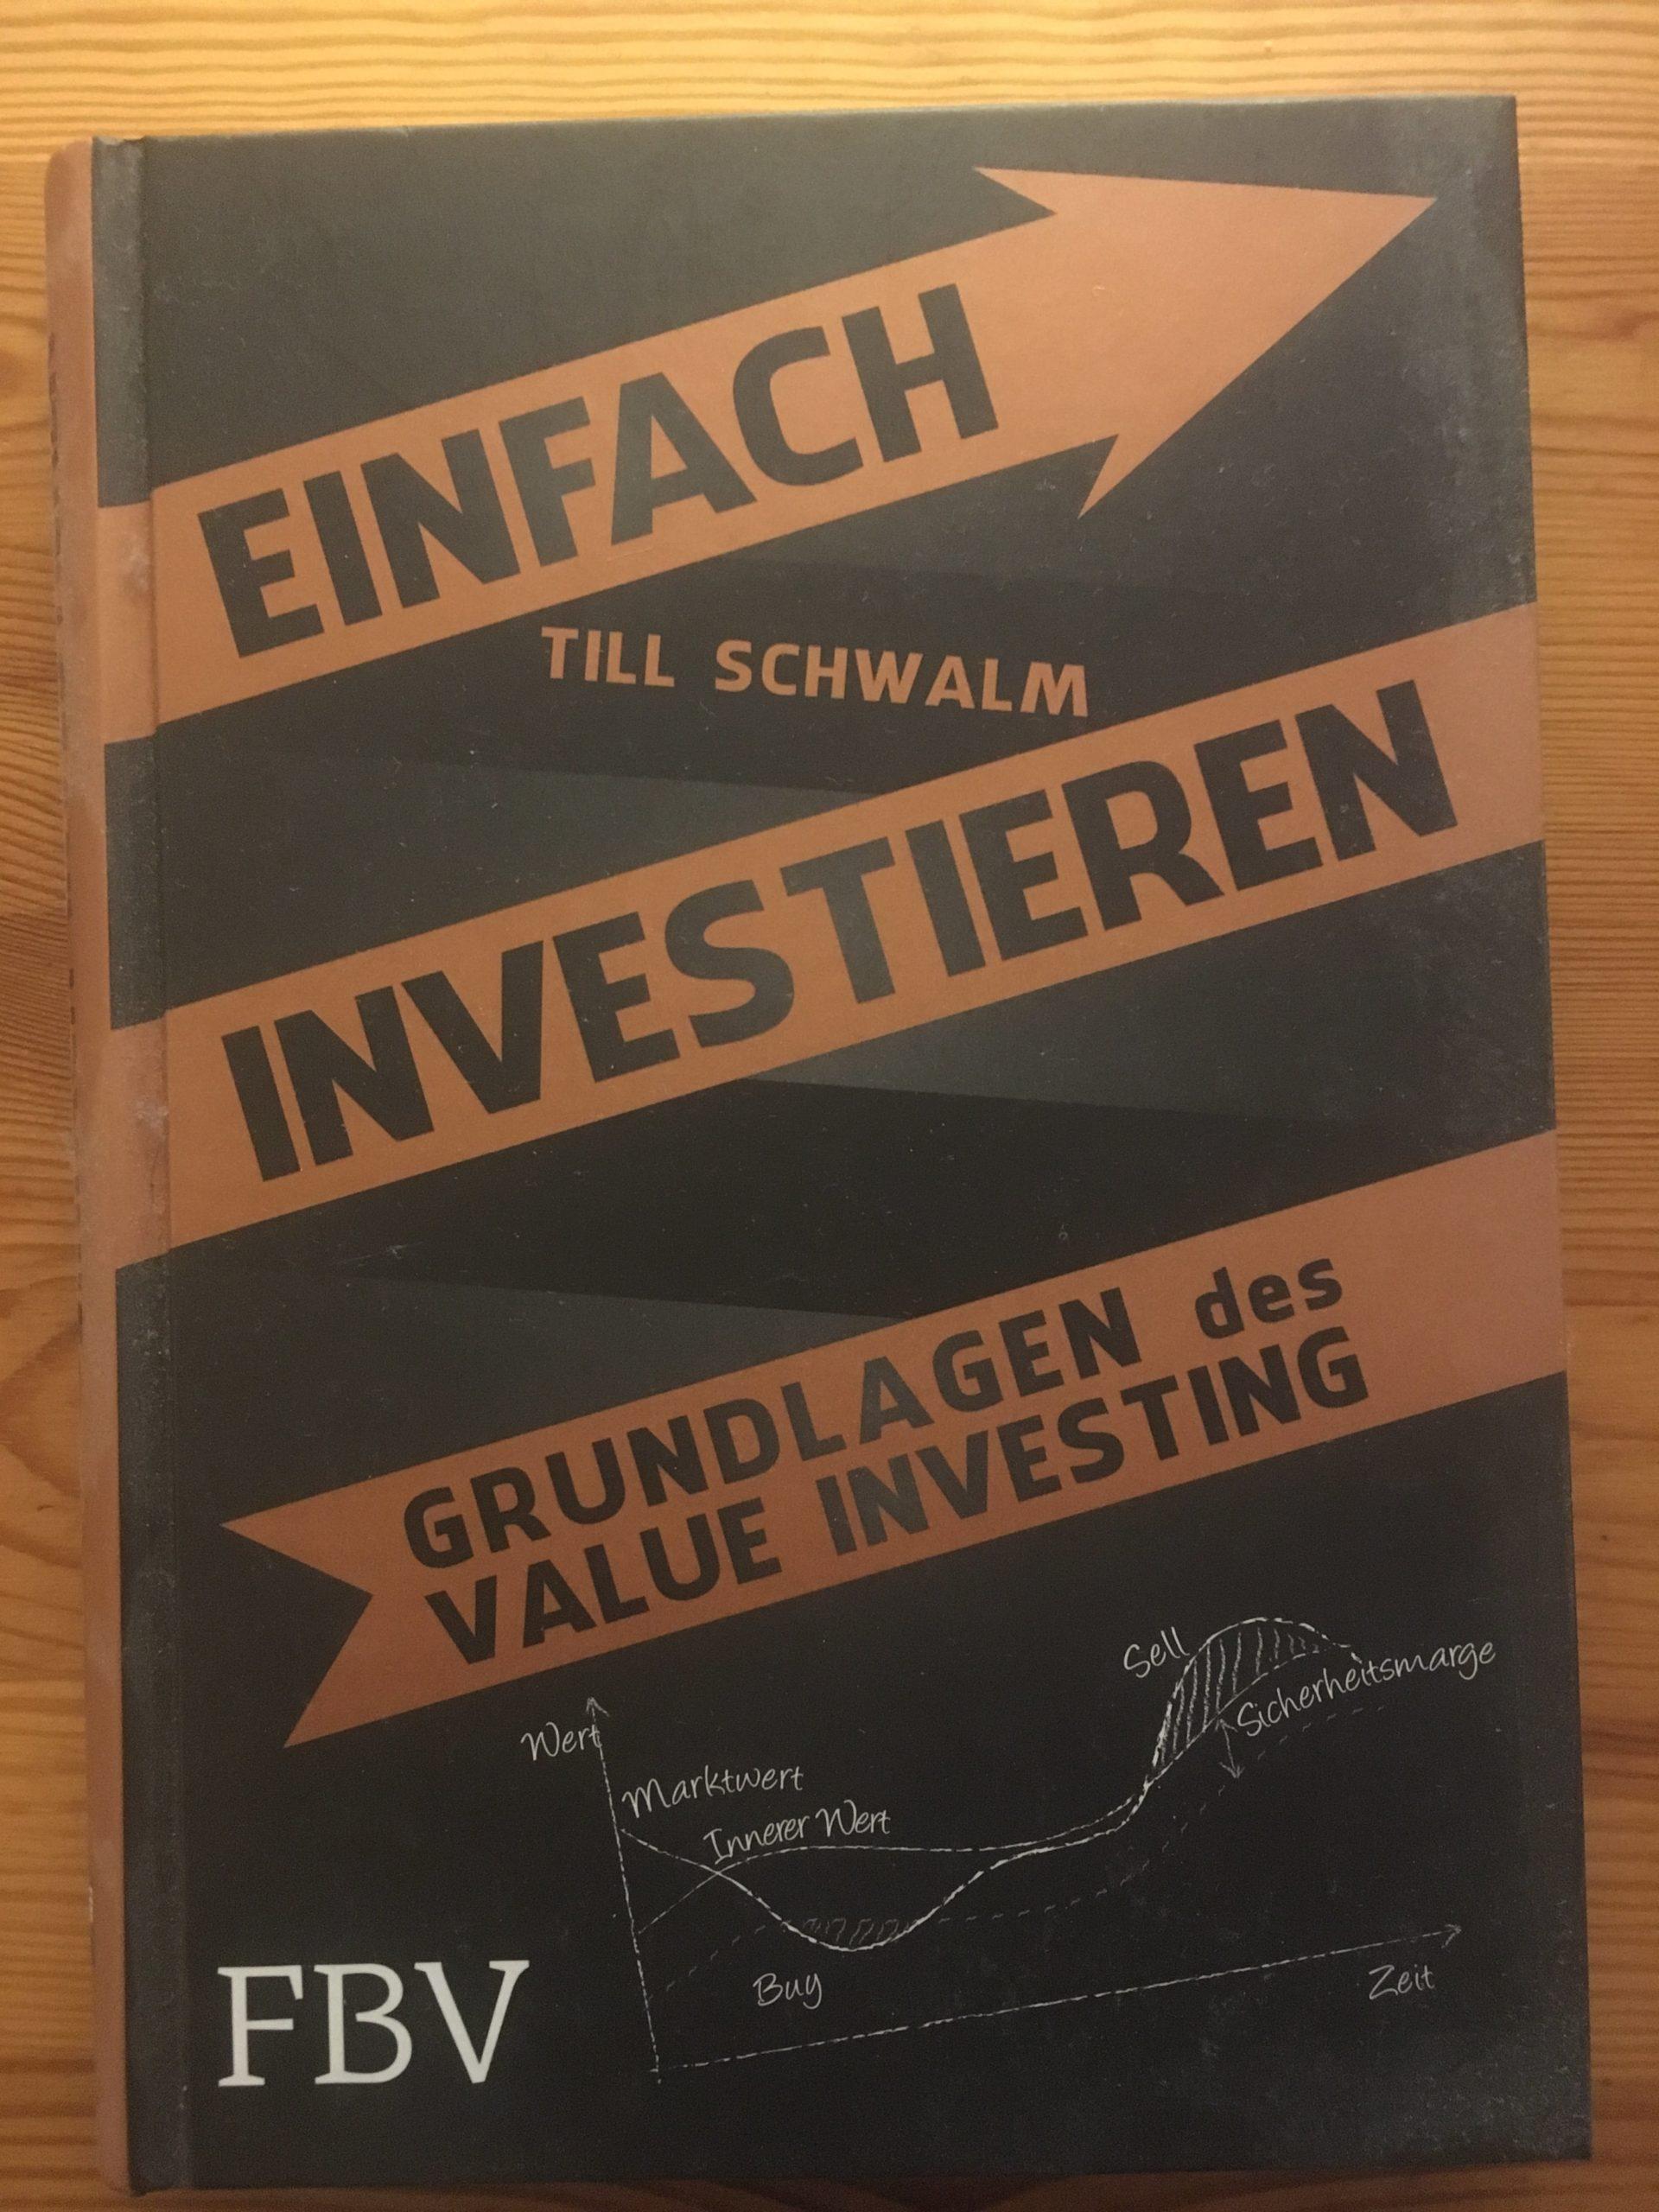 Einfach Investieren – Grundlagen des Value Investing